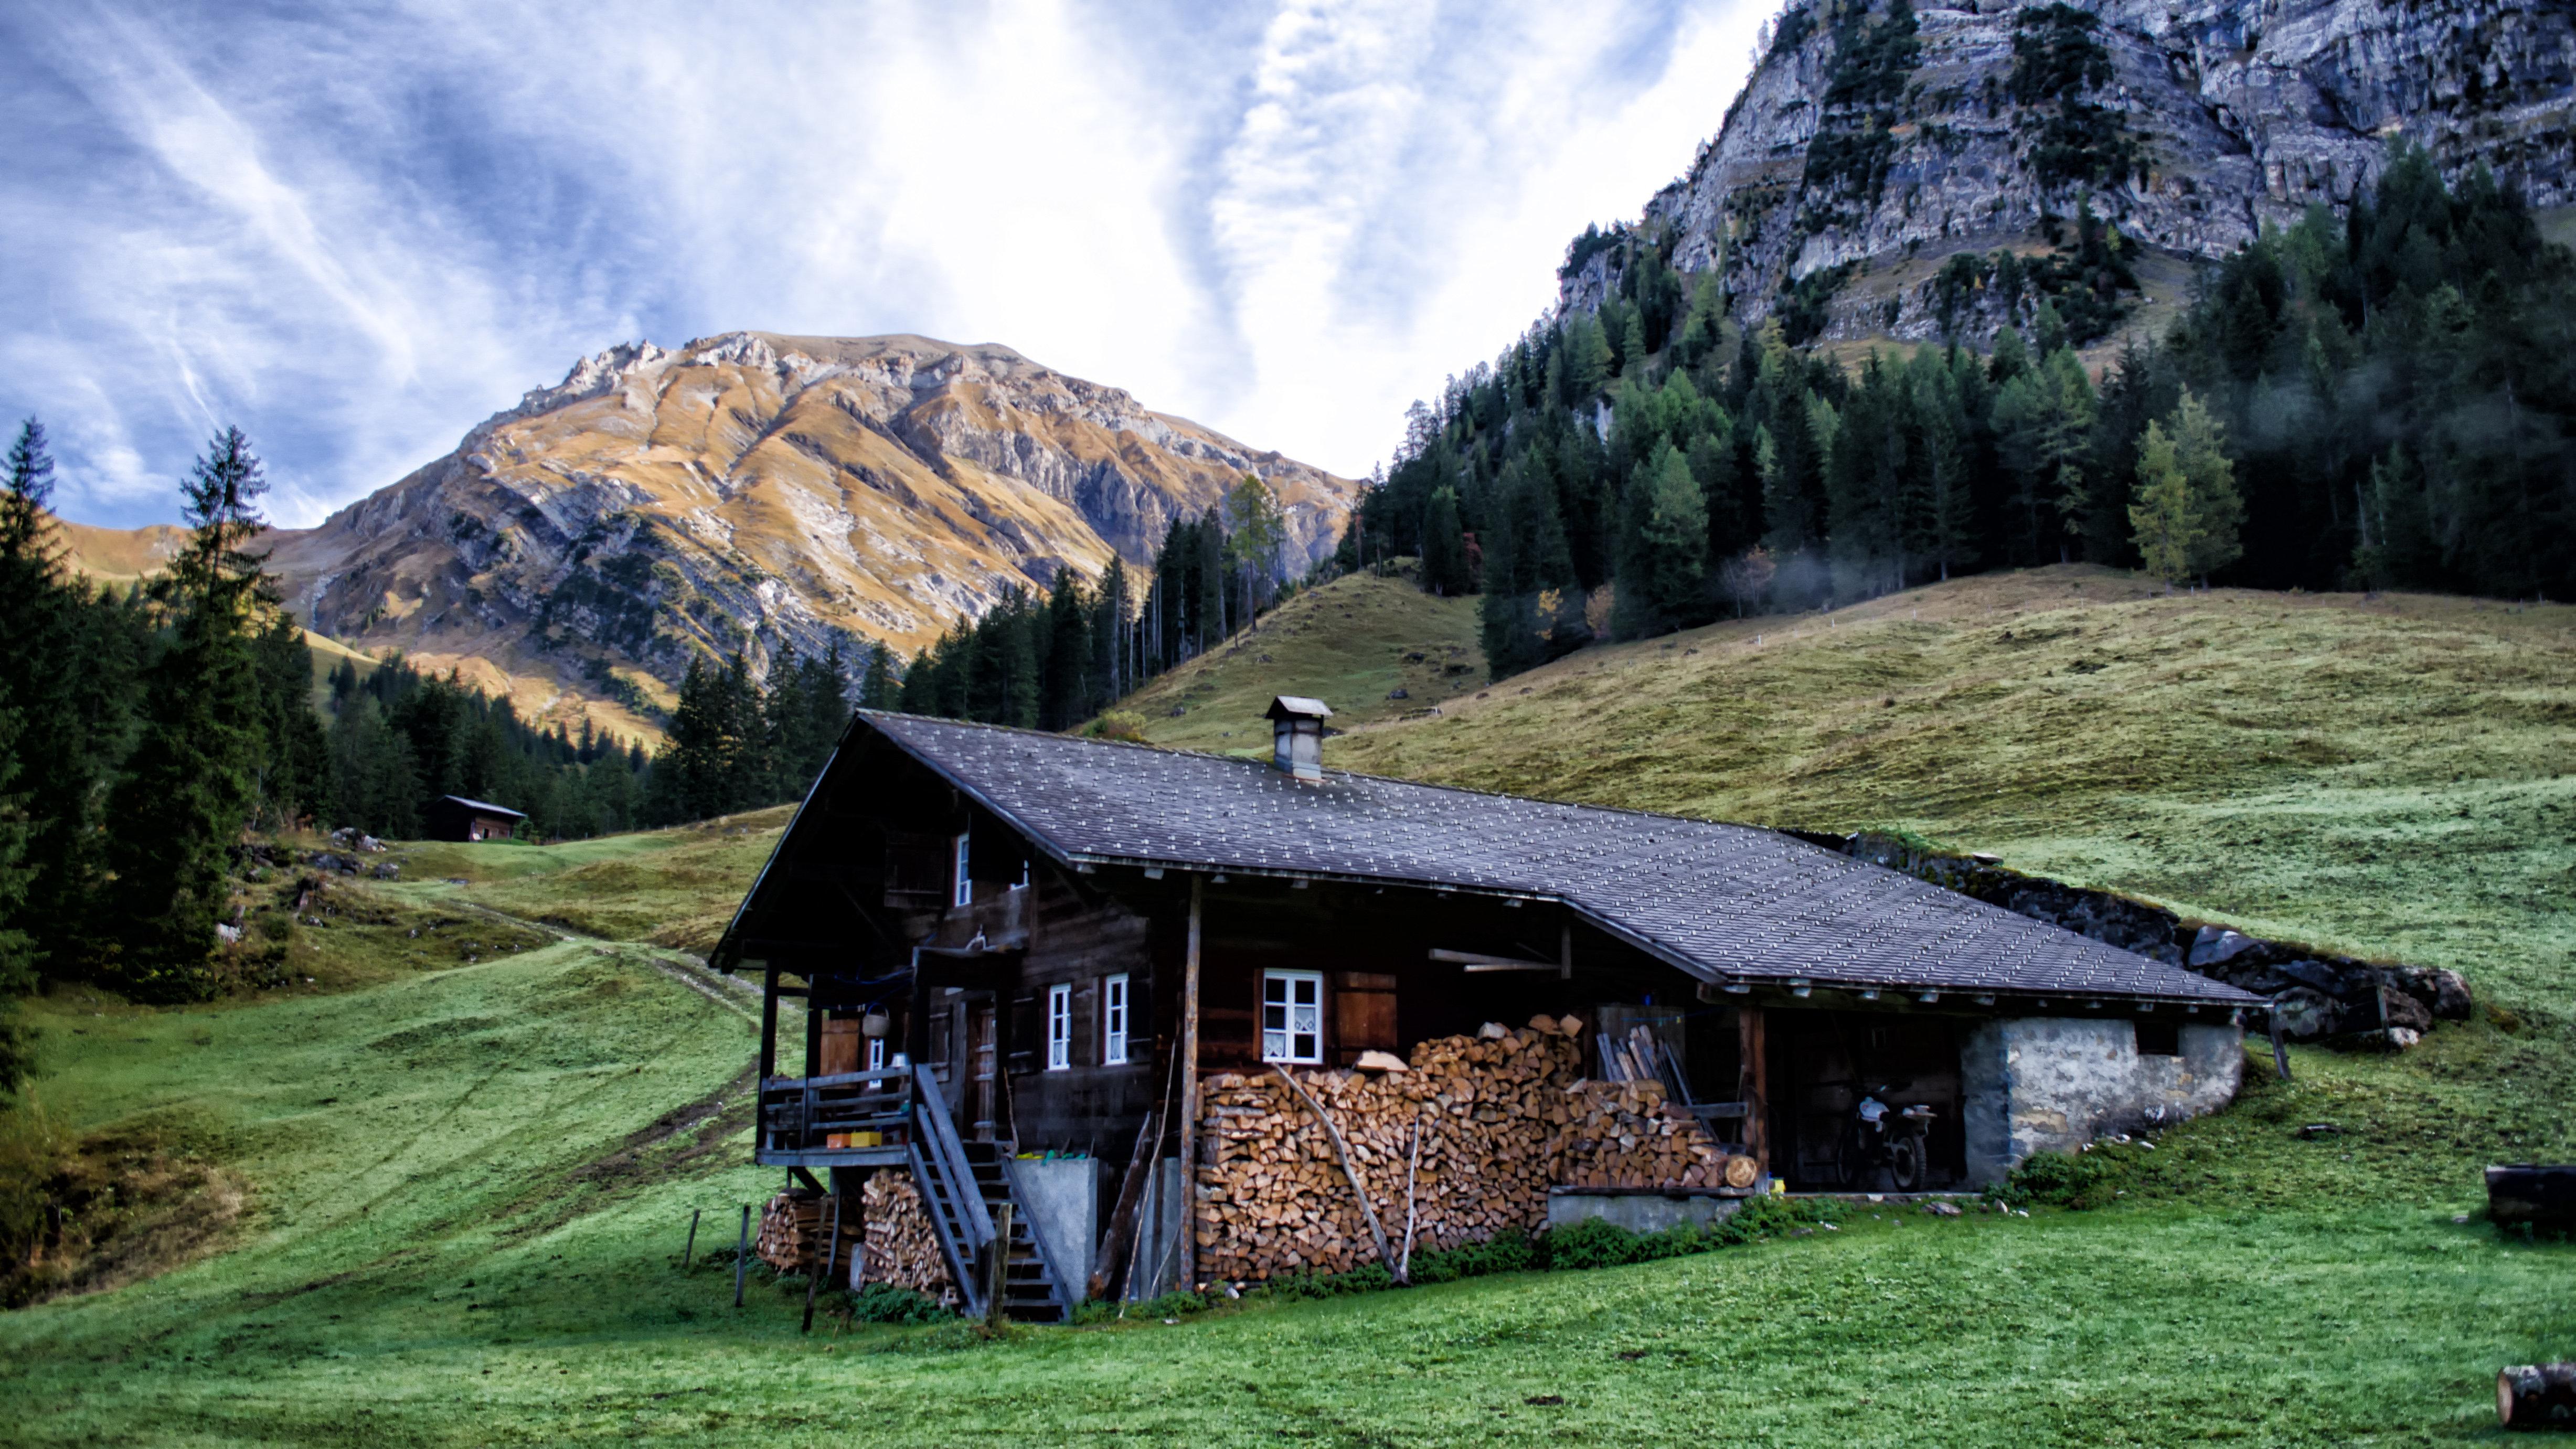 Mountain Hut by daenuprobst